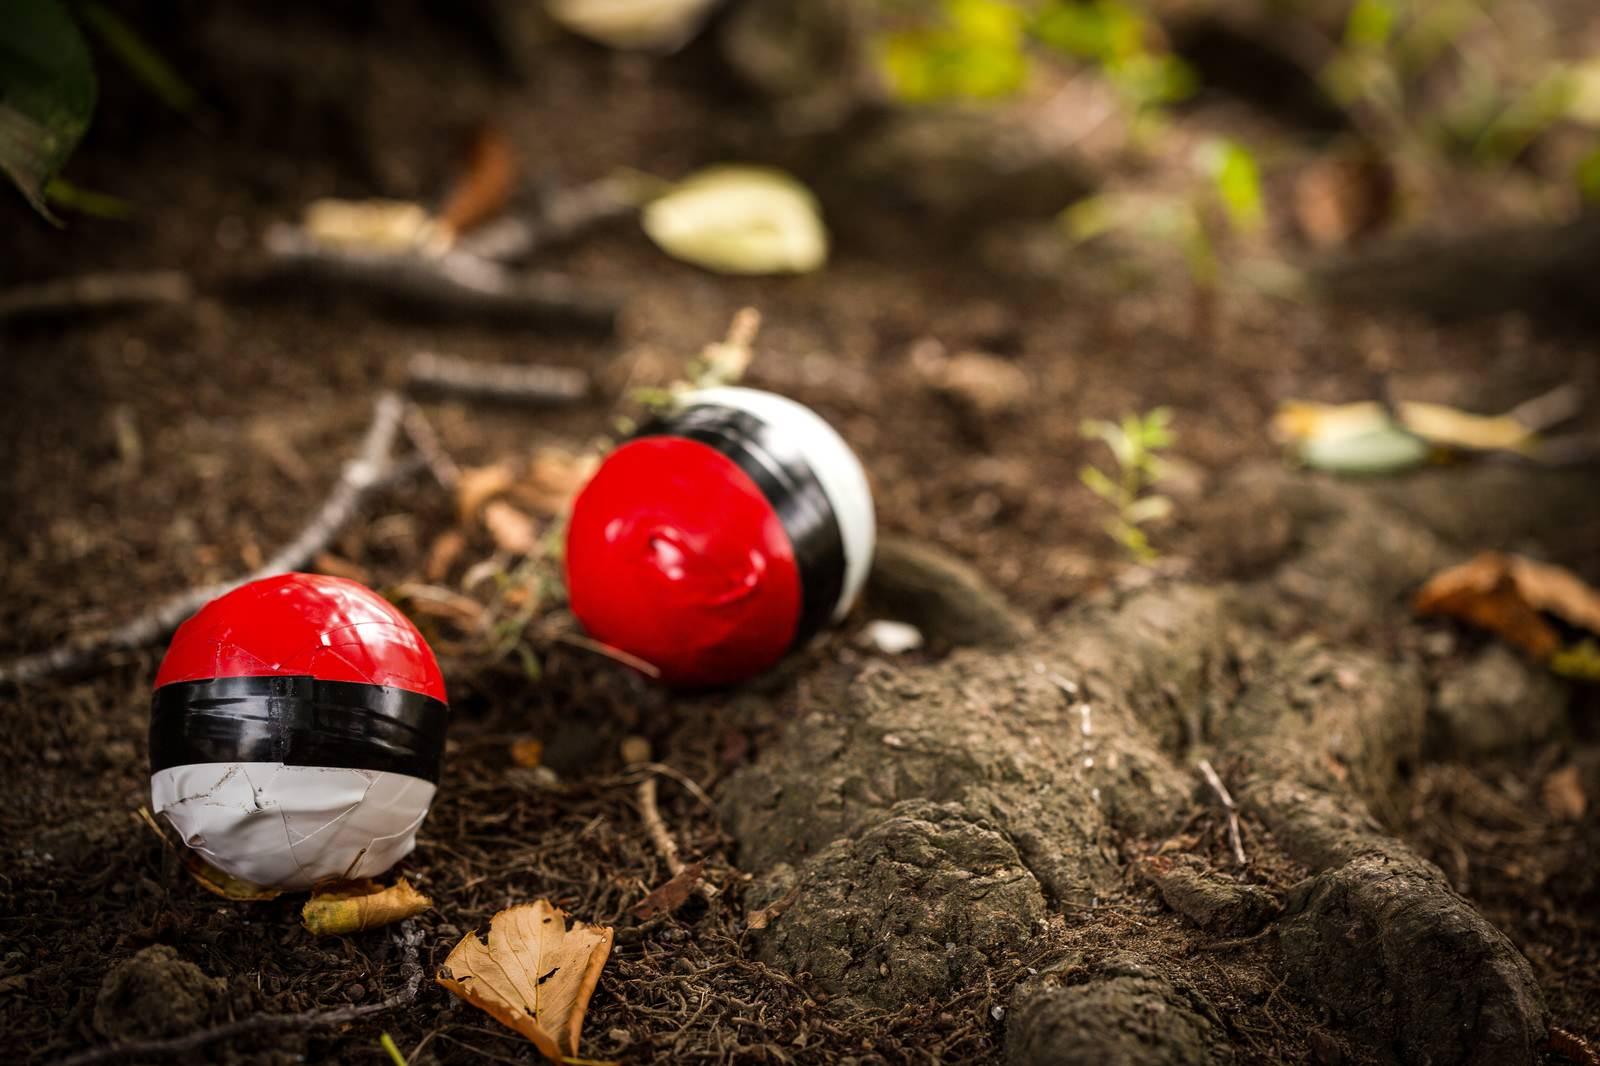 「森の中に投げ捨てられた紅白ボール」の写真